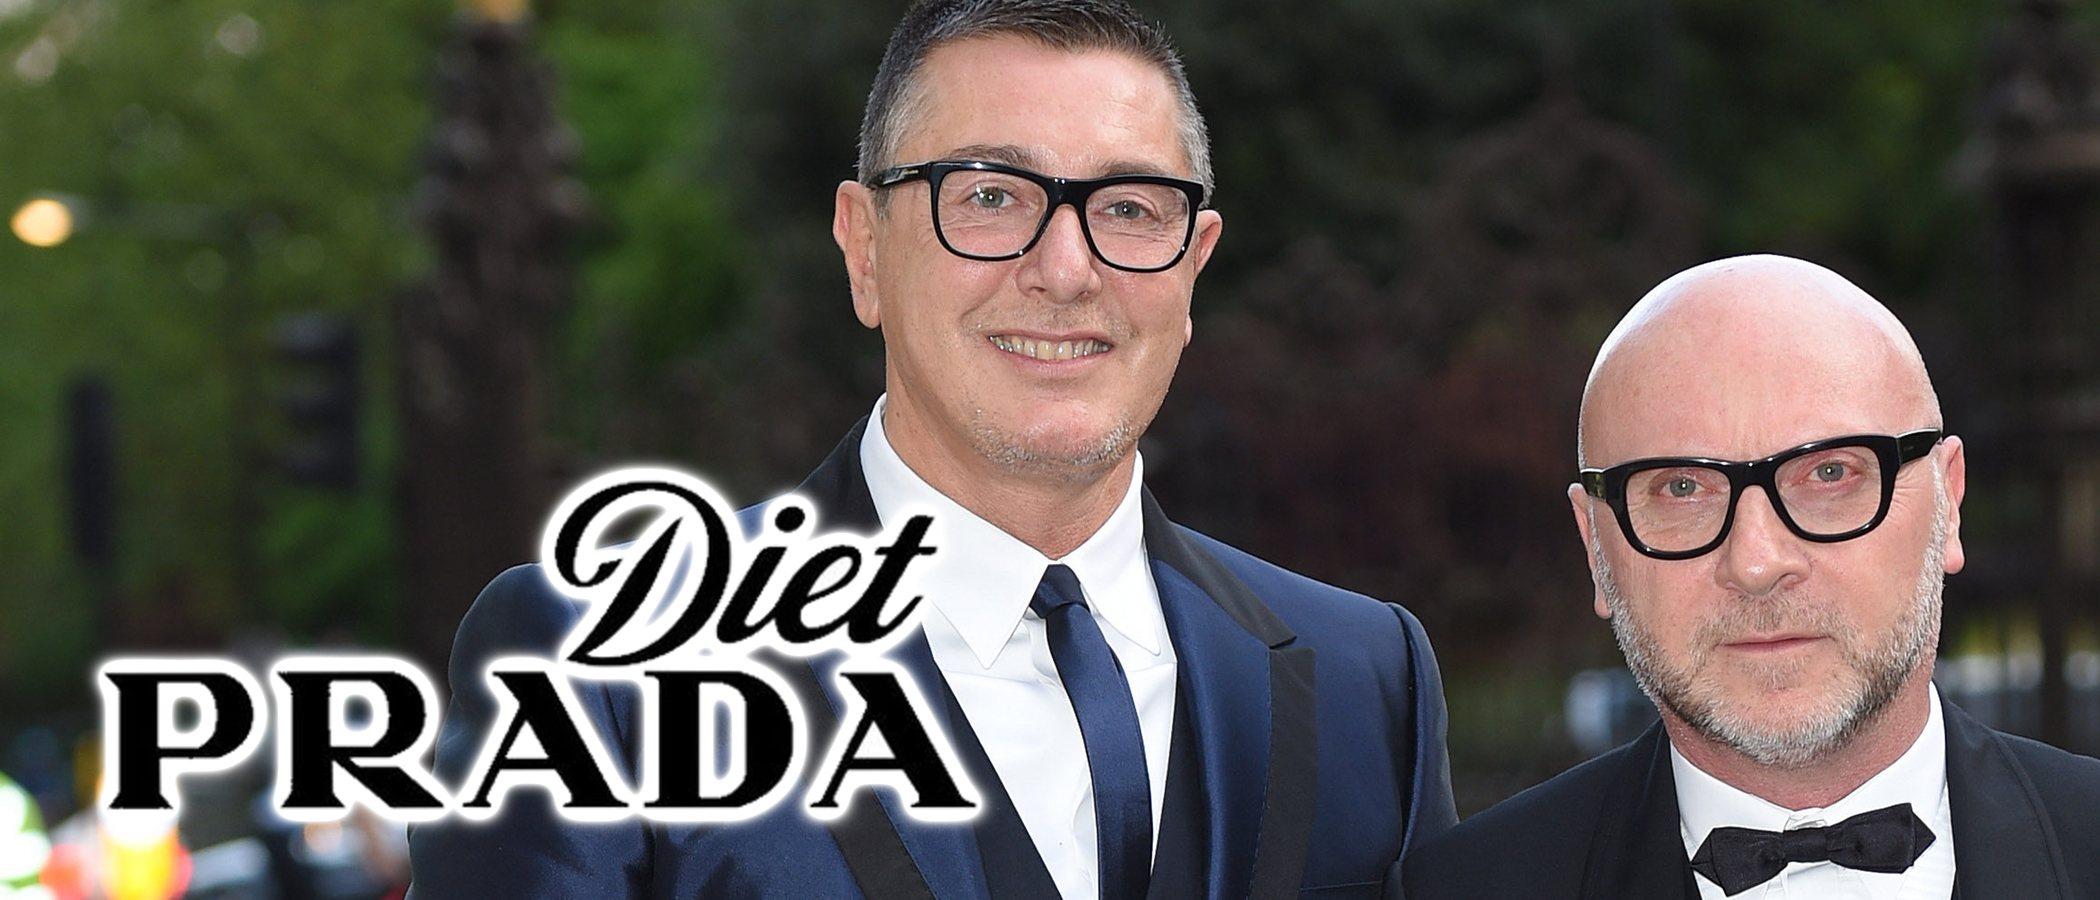 Dolce & Gabbana demanda a Diet Prada casi 600 millones de dólares tras su polémica racista en 2018